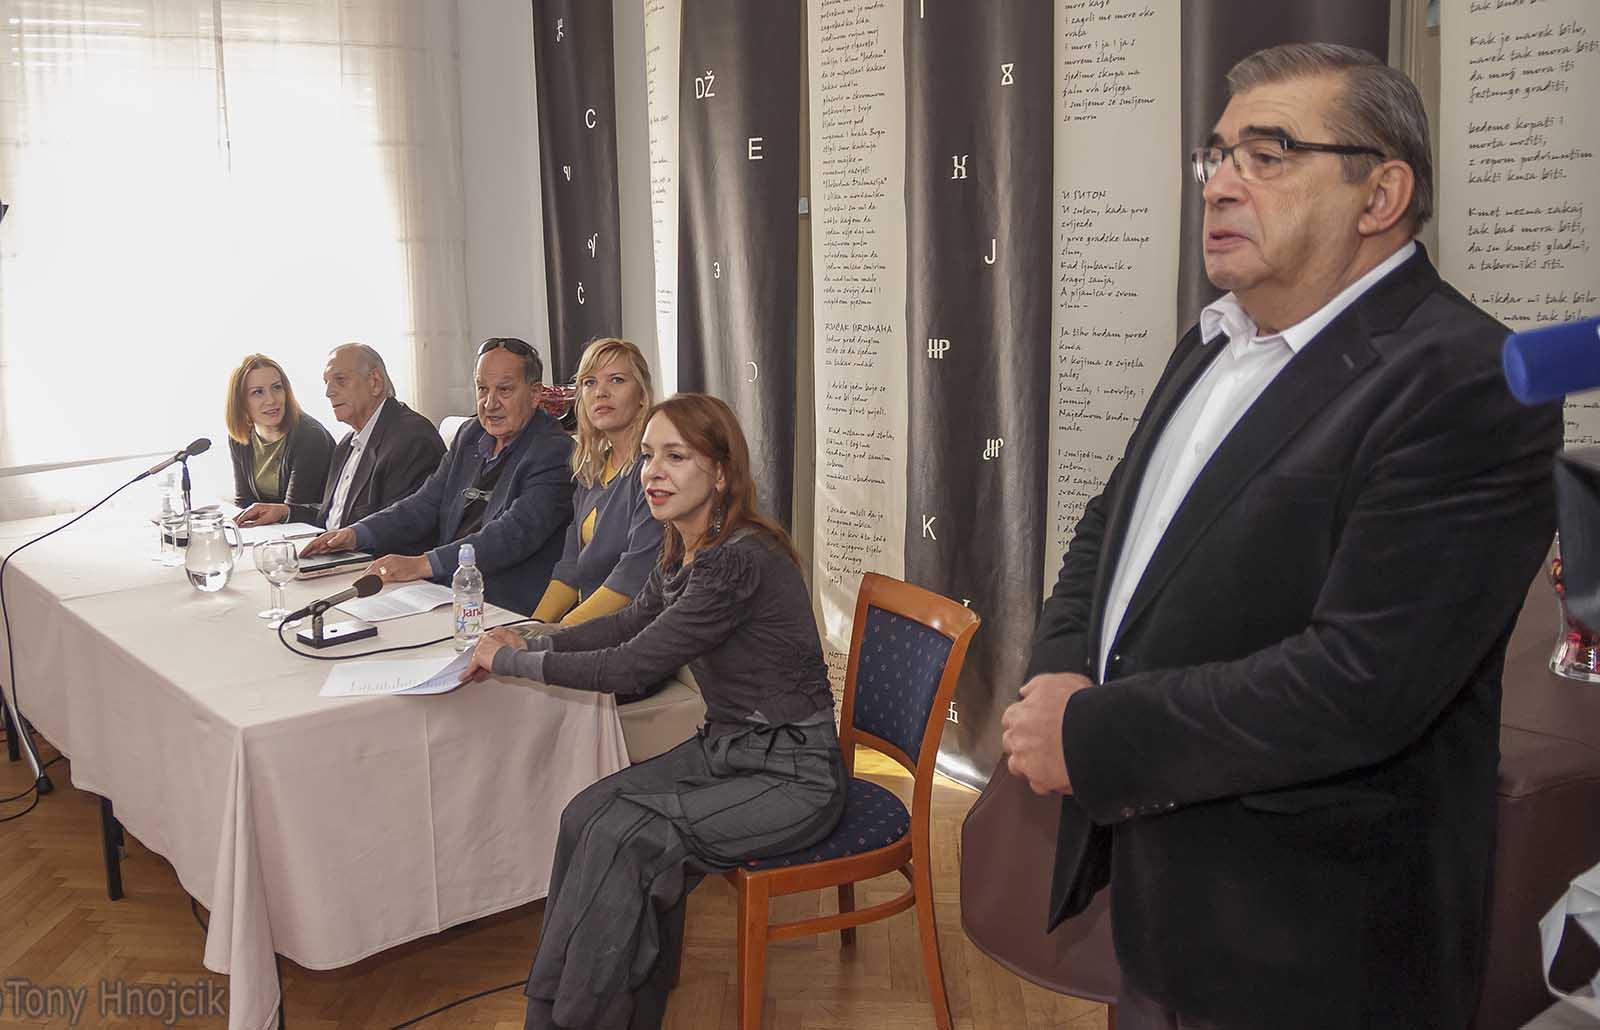 klub knjizevnika - bugarski knjizevnici